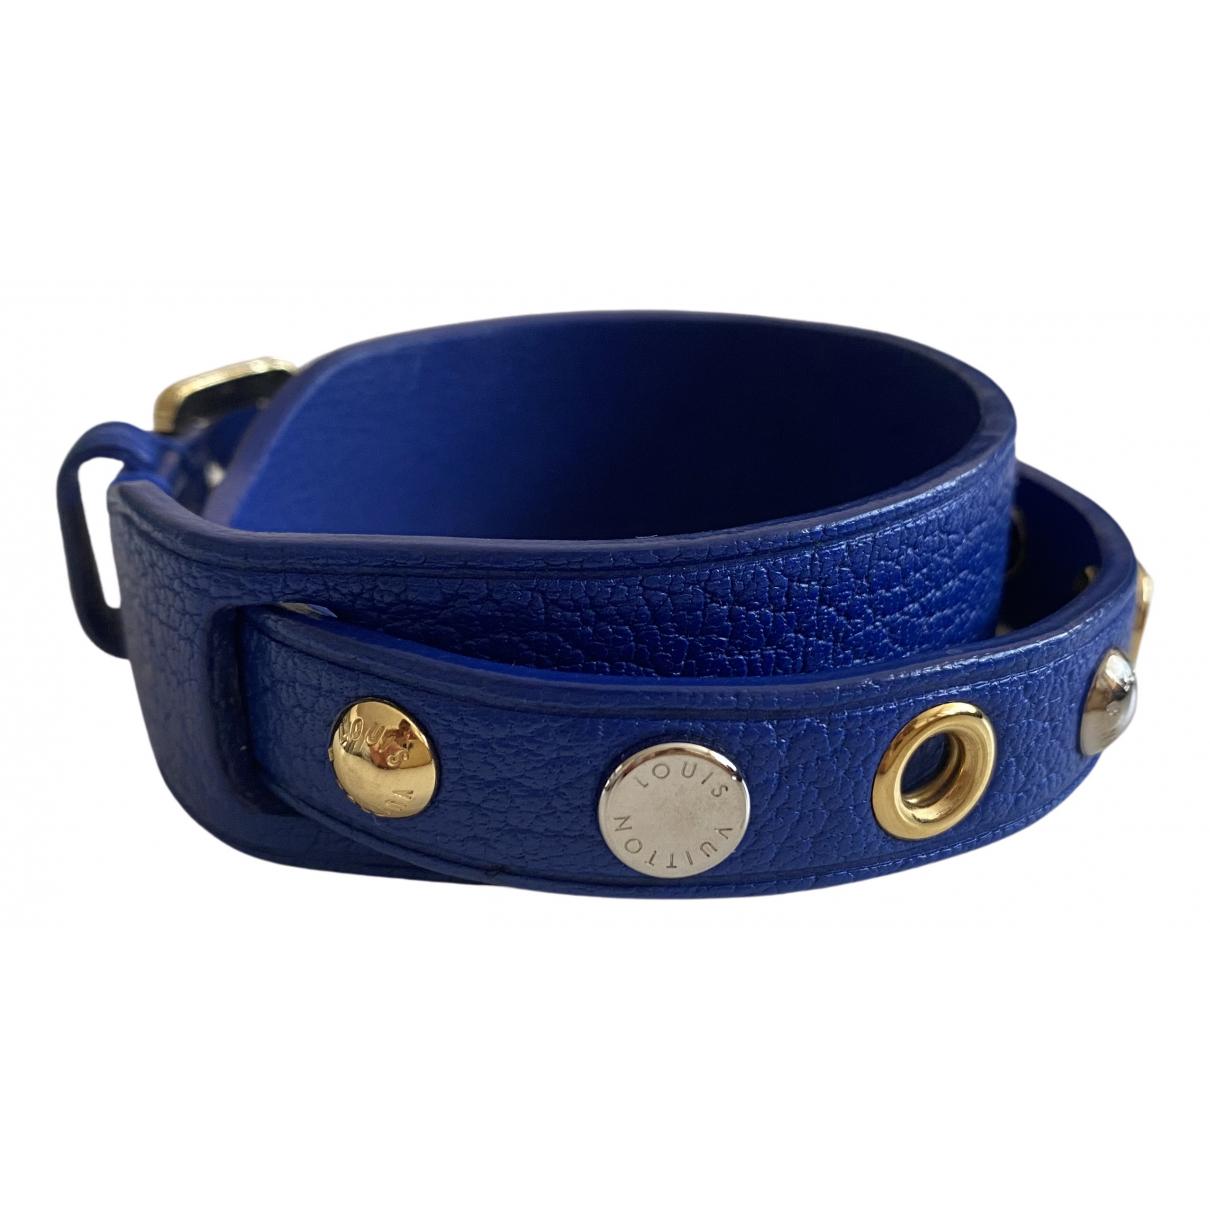 Louis Vuitton - Bracelet   pour femme en cuir - bleu